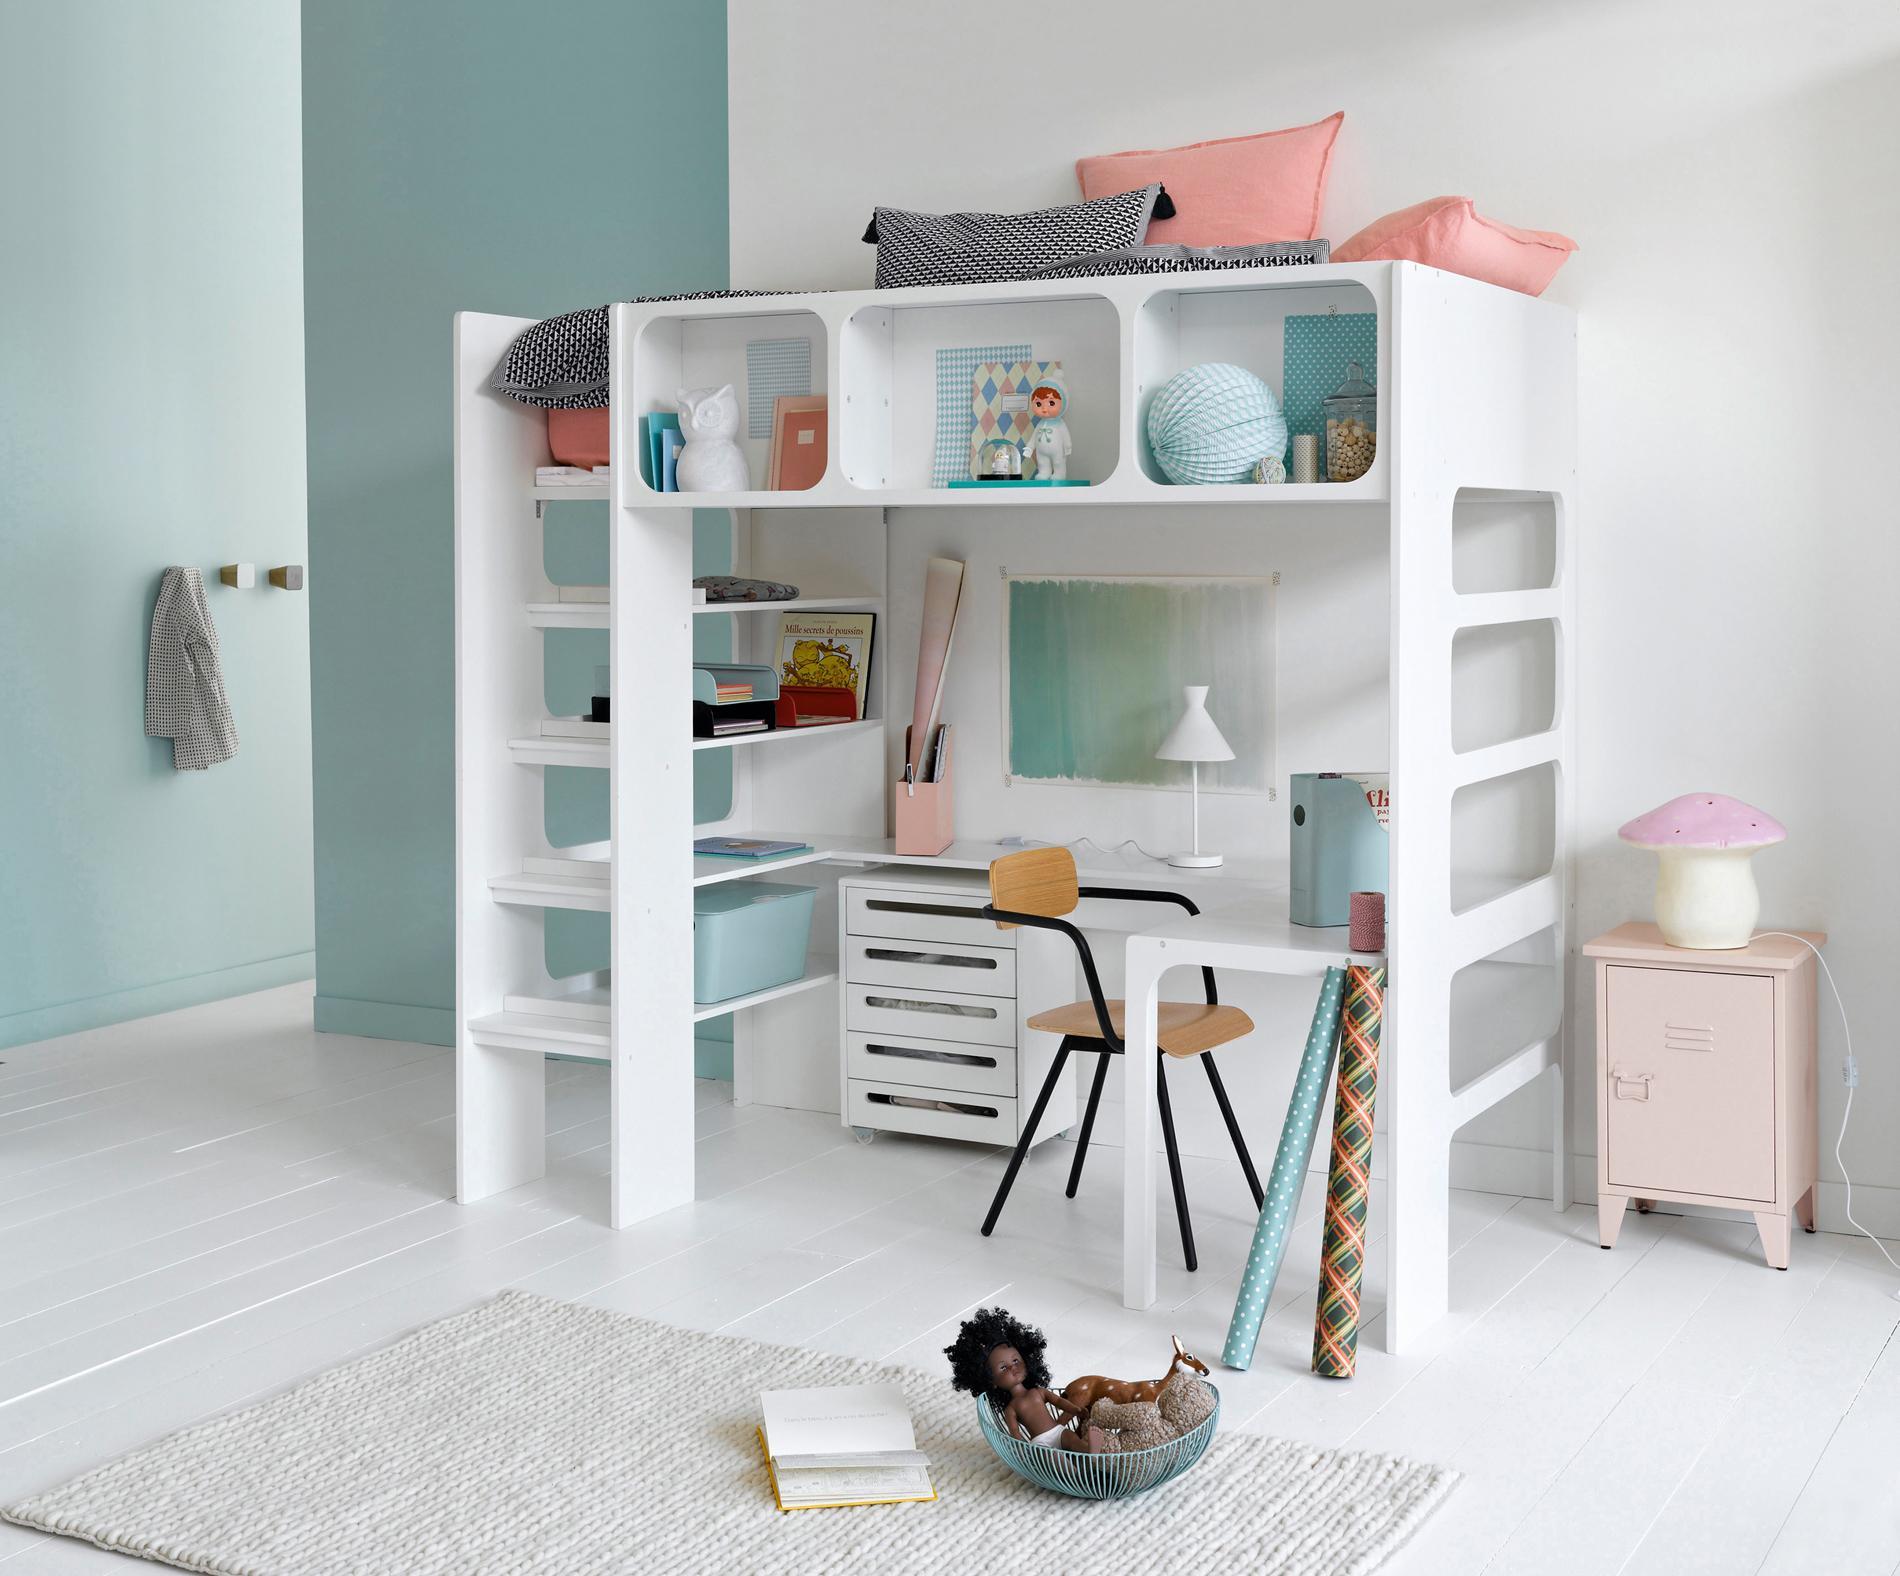 cinq conseils d co pour optimiser une petite chambre madame. Black Bedroom Furniture Sets. Home Design Ideas